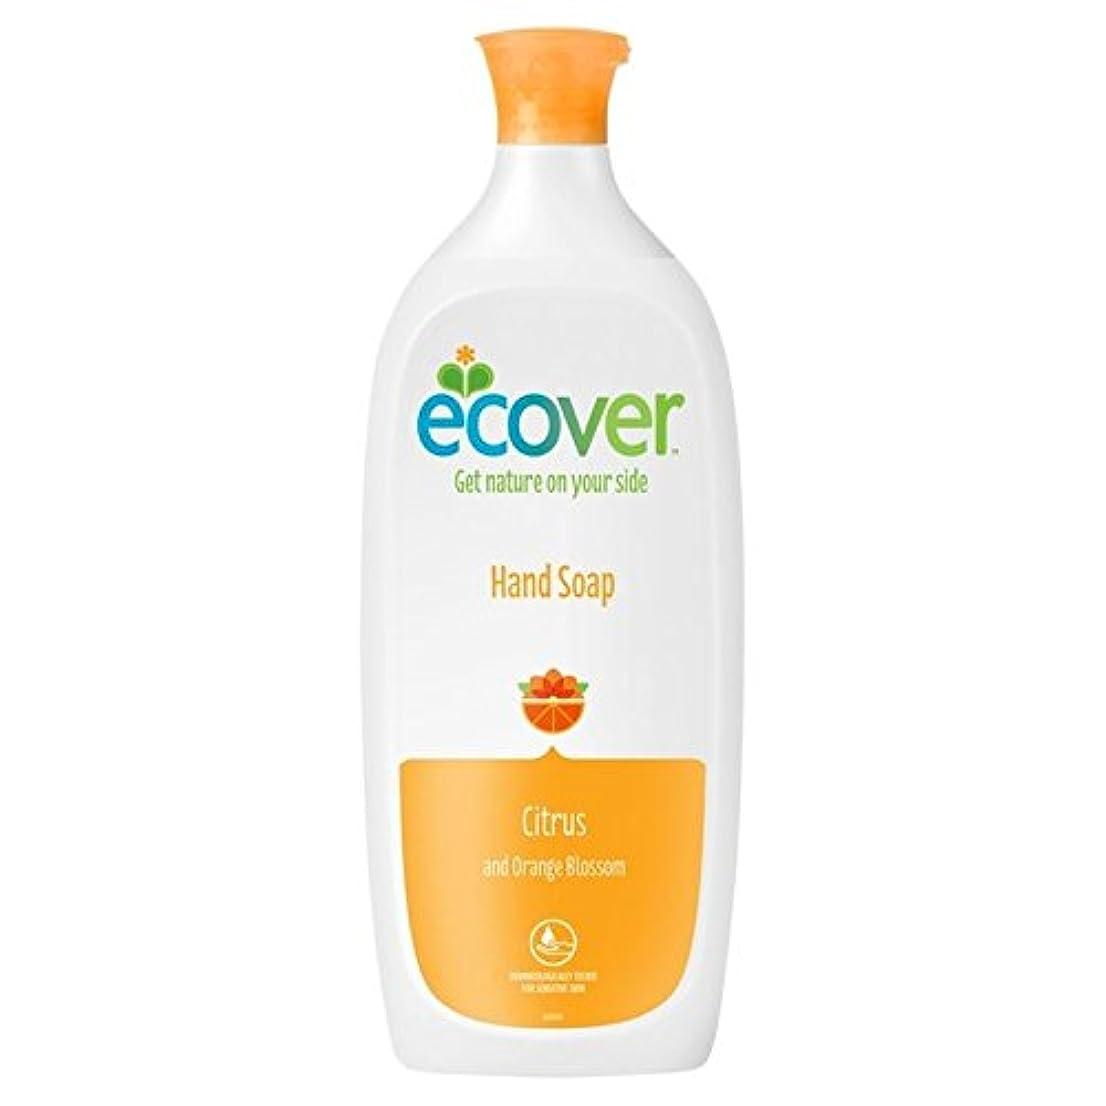 継続中お気に入り緩めるエコベール液体石鹸シトラス&オレンジの花のリフィル1リットル x4 - Ecover Liquid Soap Citrus & Orange Blossom Refill 1L (Pack of 4) [並行輸入品]